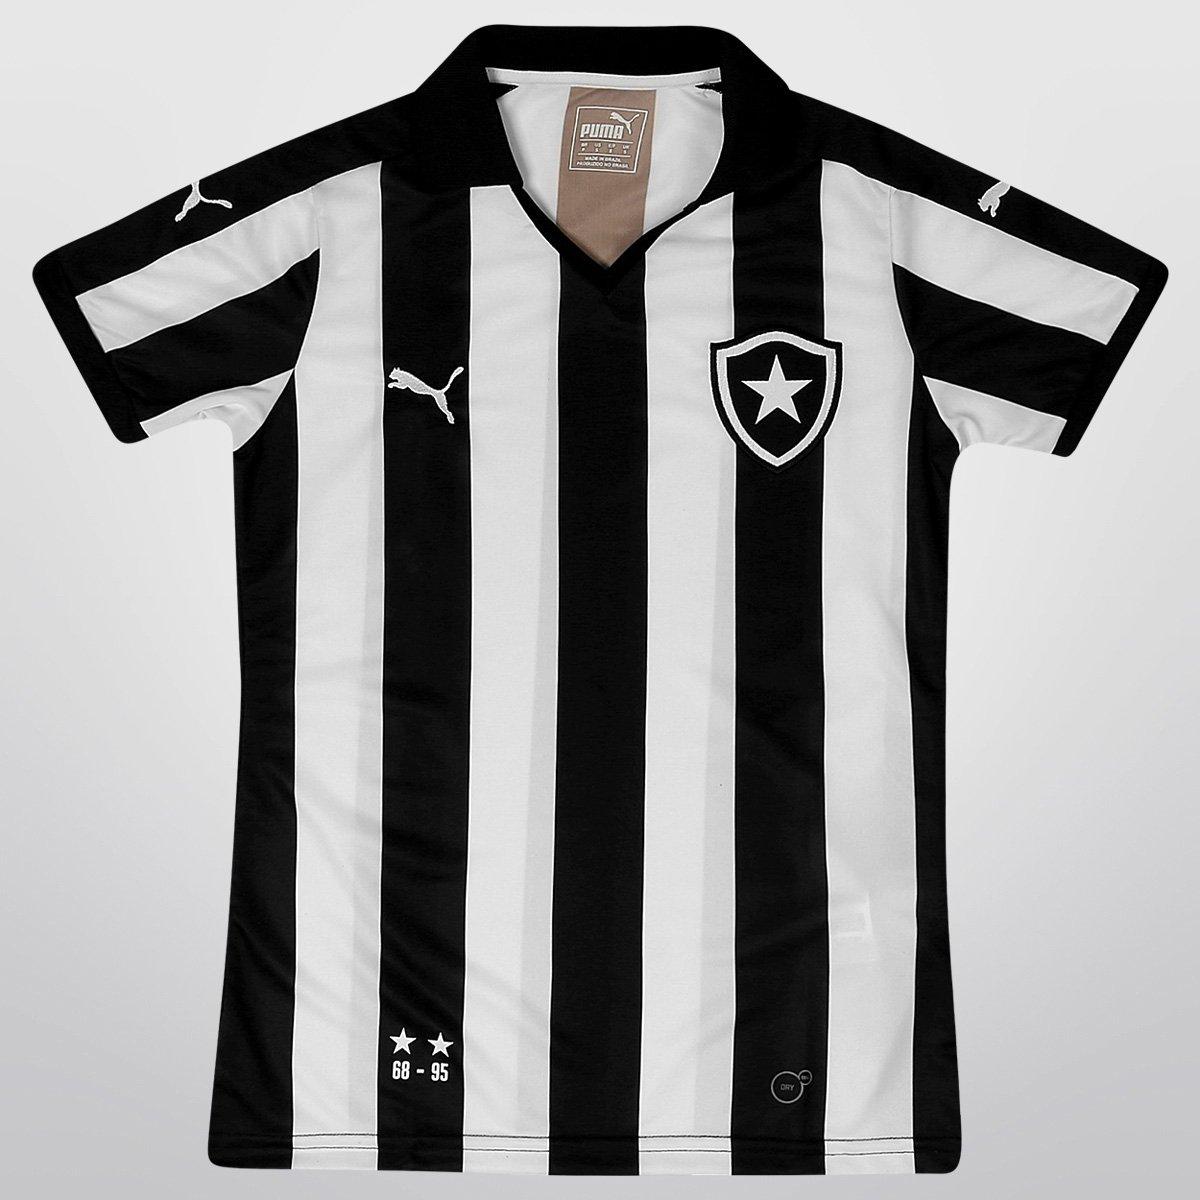 8b228c6a6691a Camisa Feminina Puma Botafogo I 15 16 s nº - Compre Agora